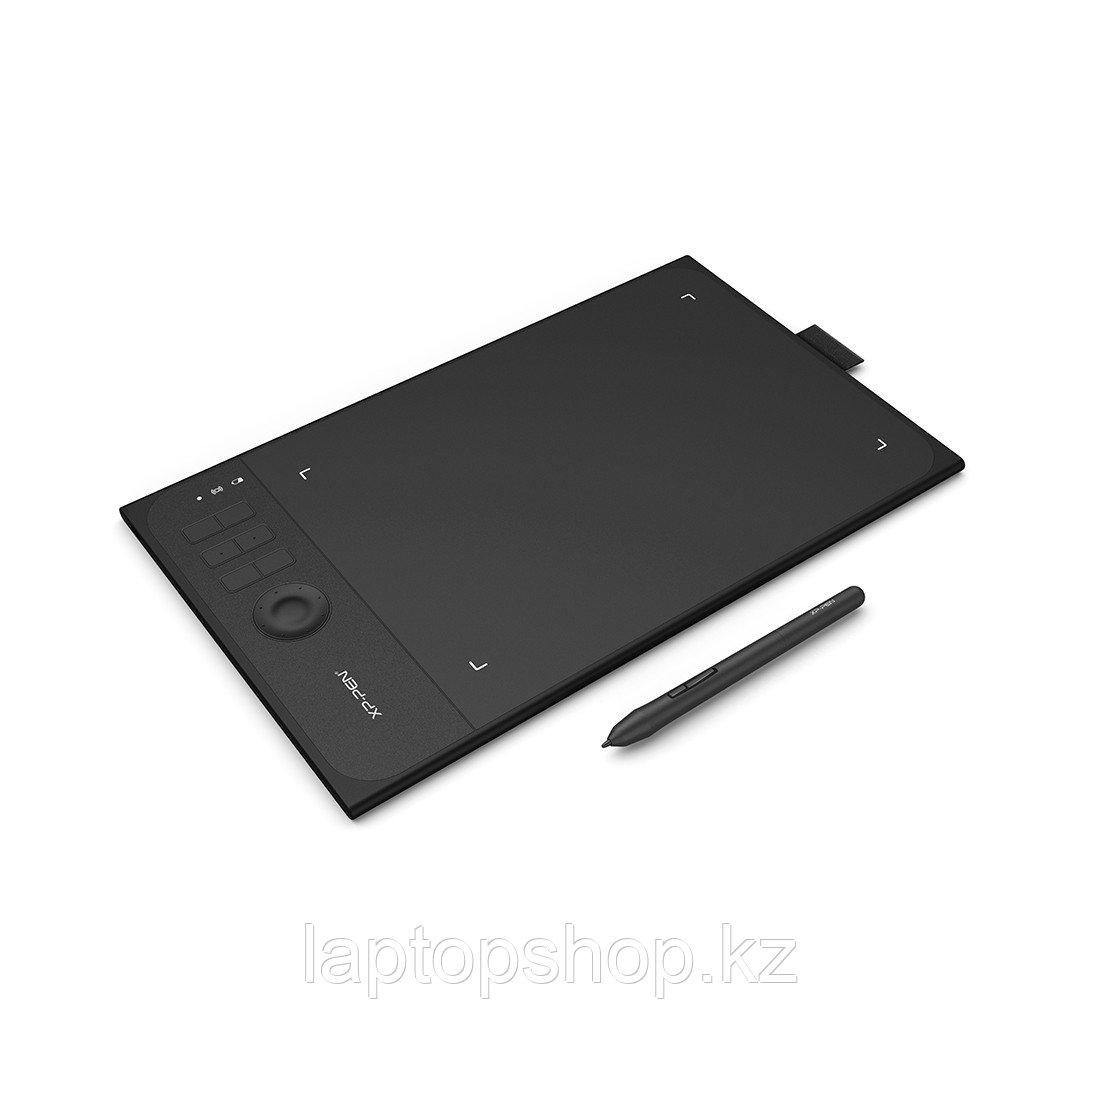 Графический планшет XP-Pen Star 06